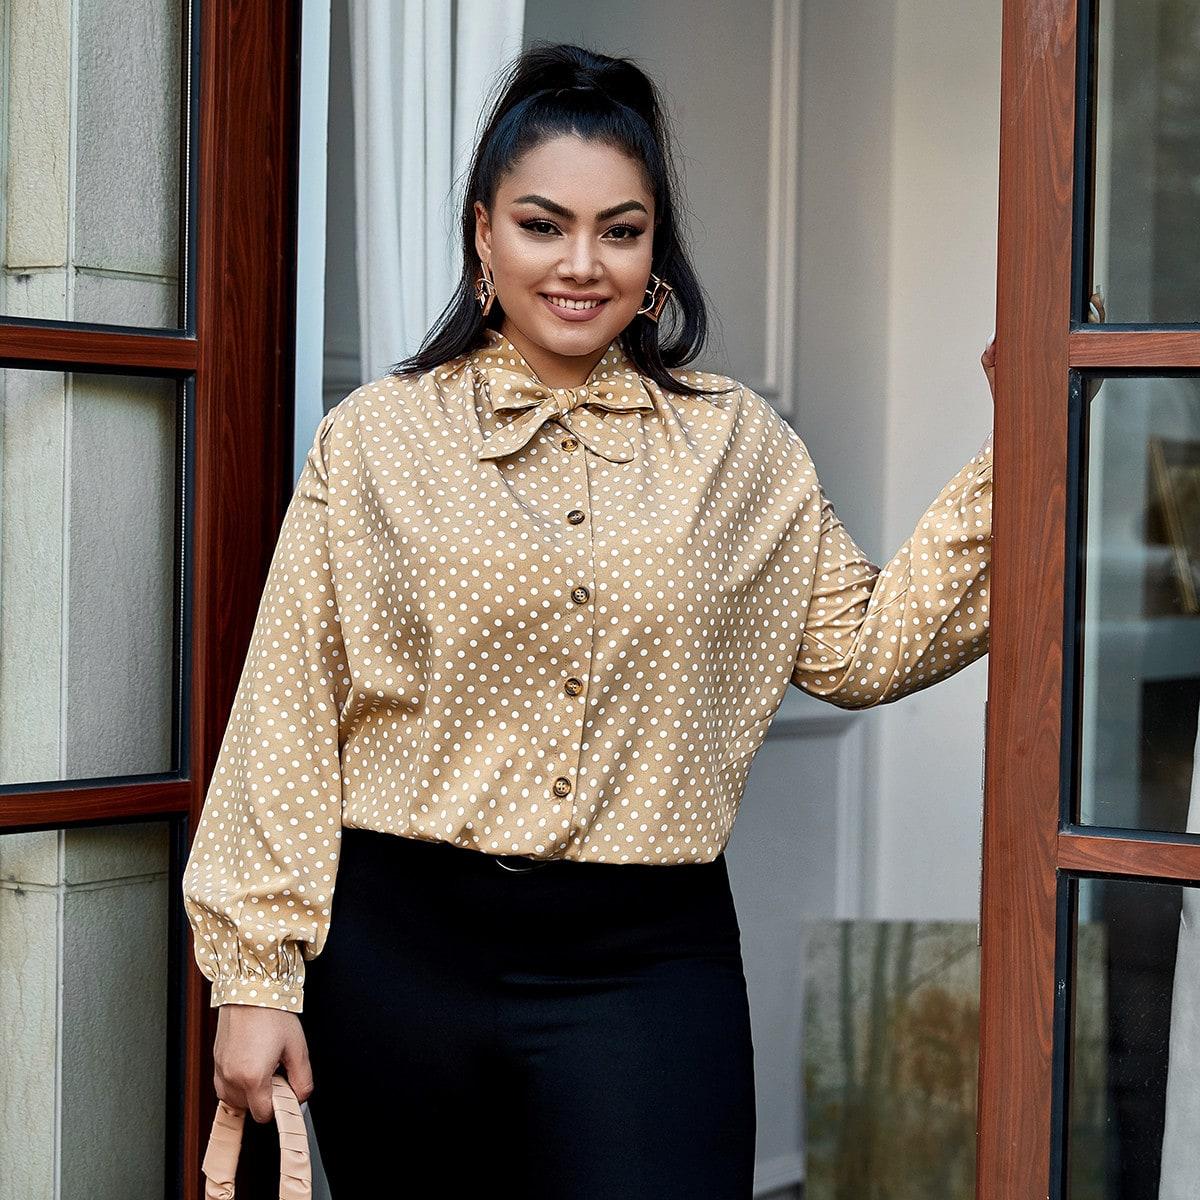 Блуза с воротником-бантом в горошек размера плюс